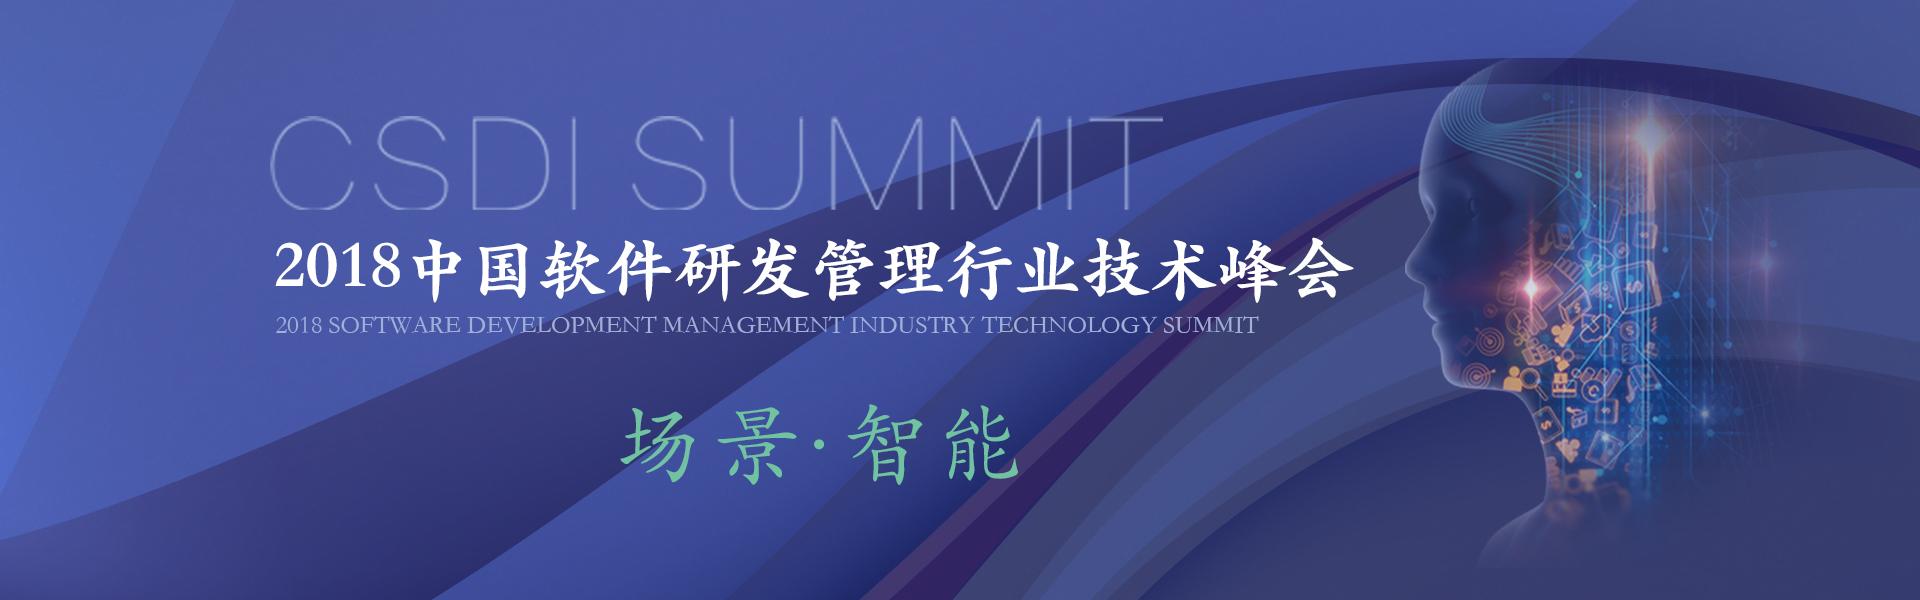 2018中国软件研发管理行业技术峰会